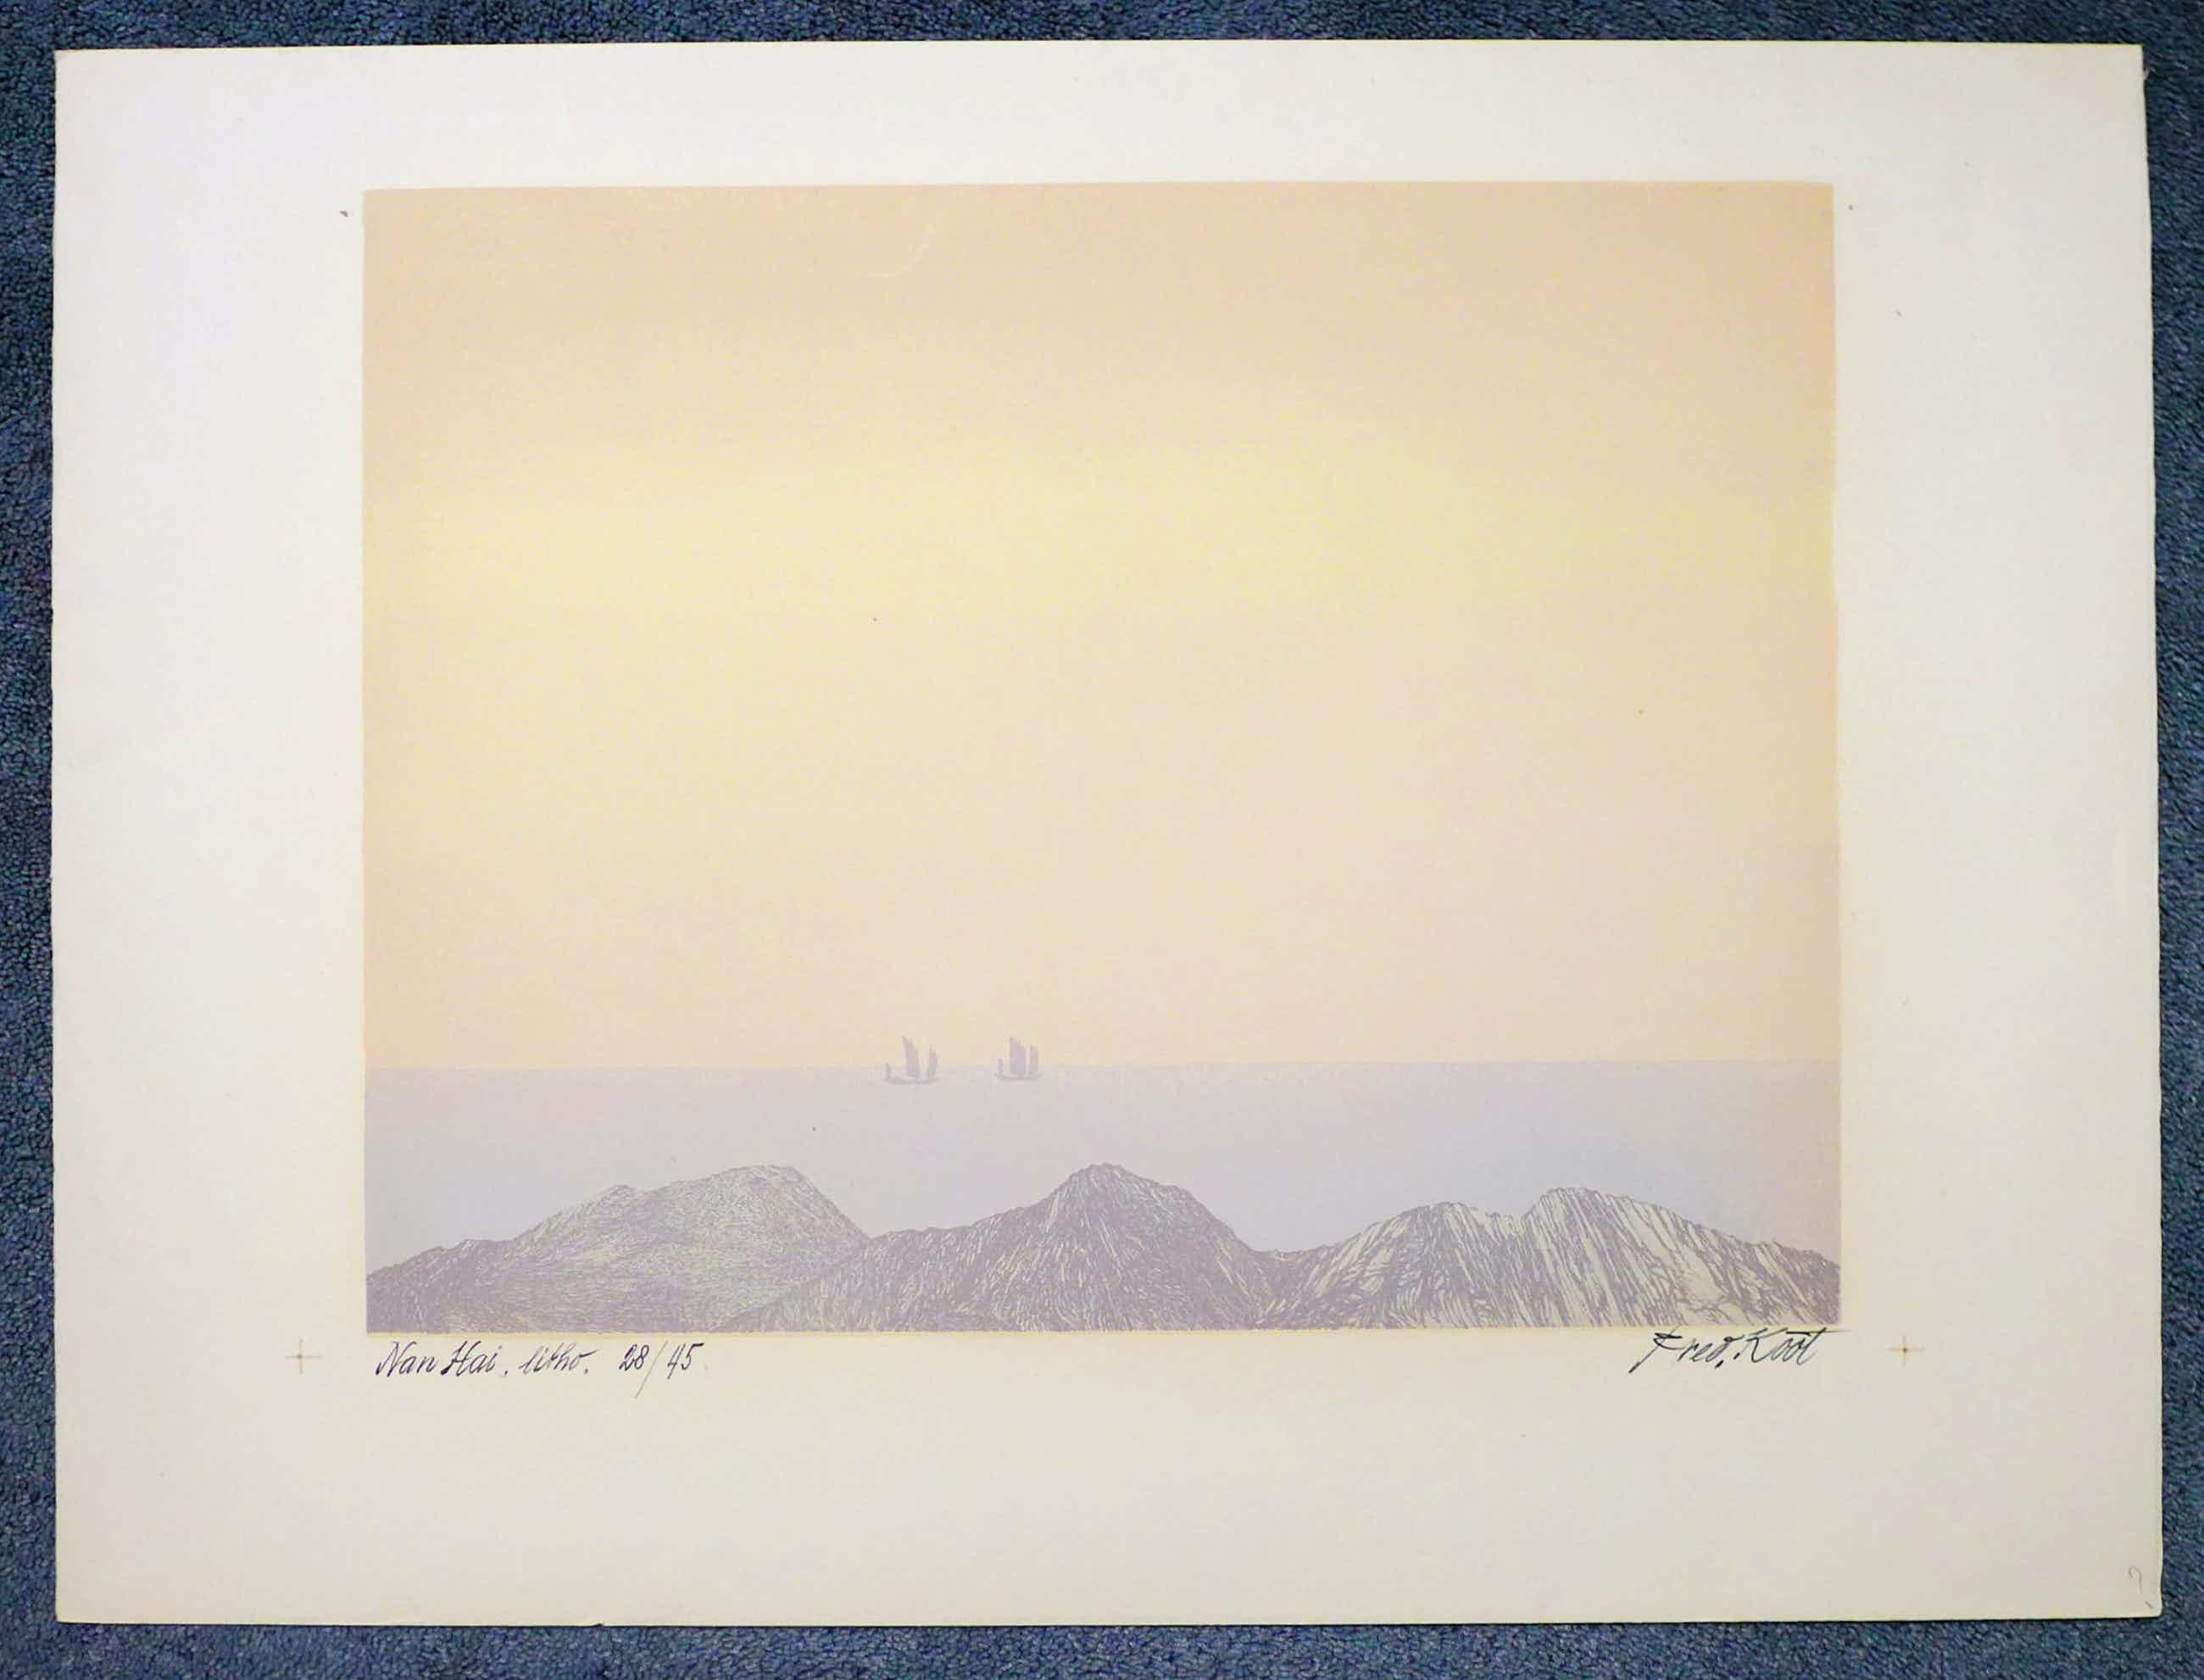 Fred Koot - Litho, titel: Nan Hai 35 x 44 cm. kopen? Bied vanaf 50!